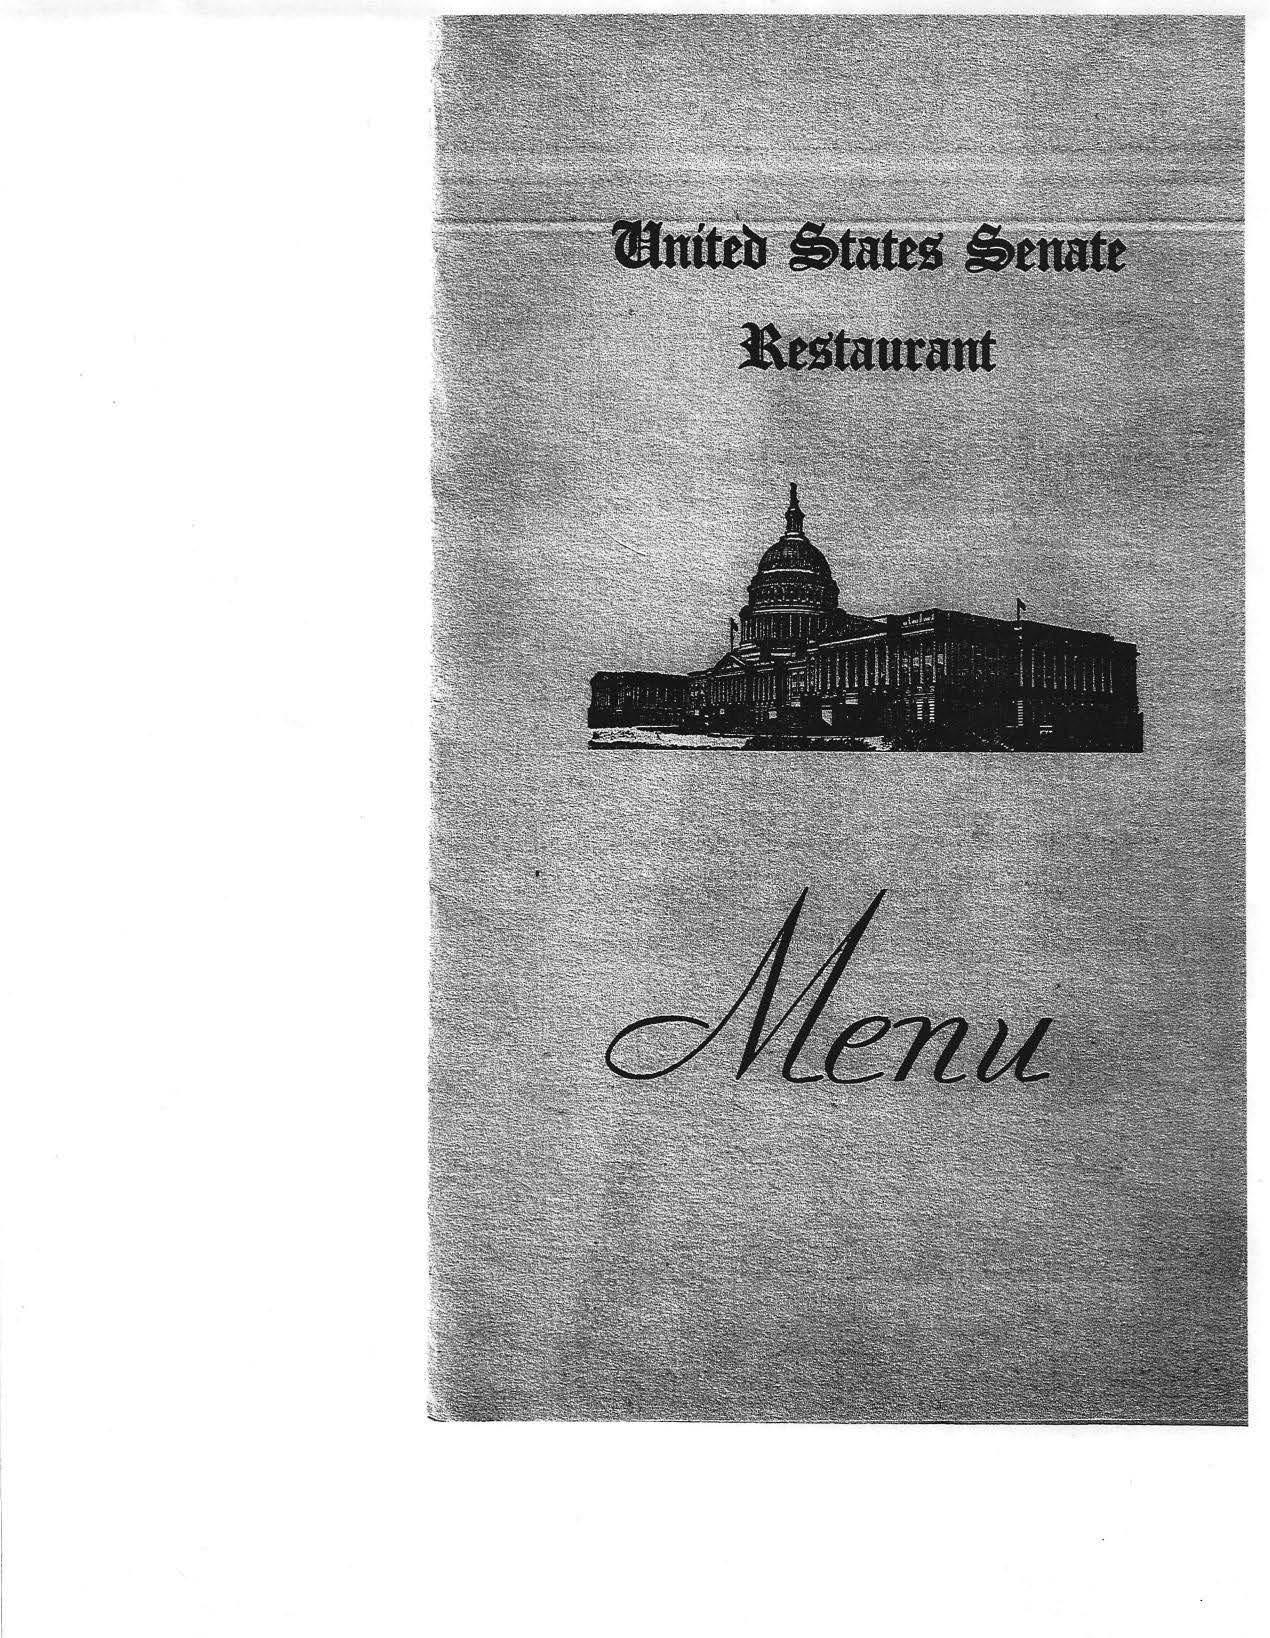 US Senate Menu 1940